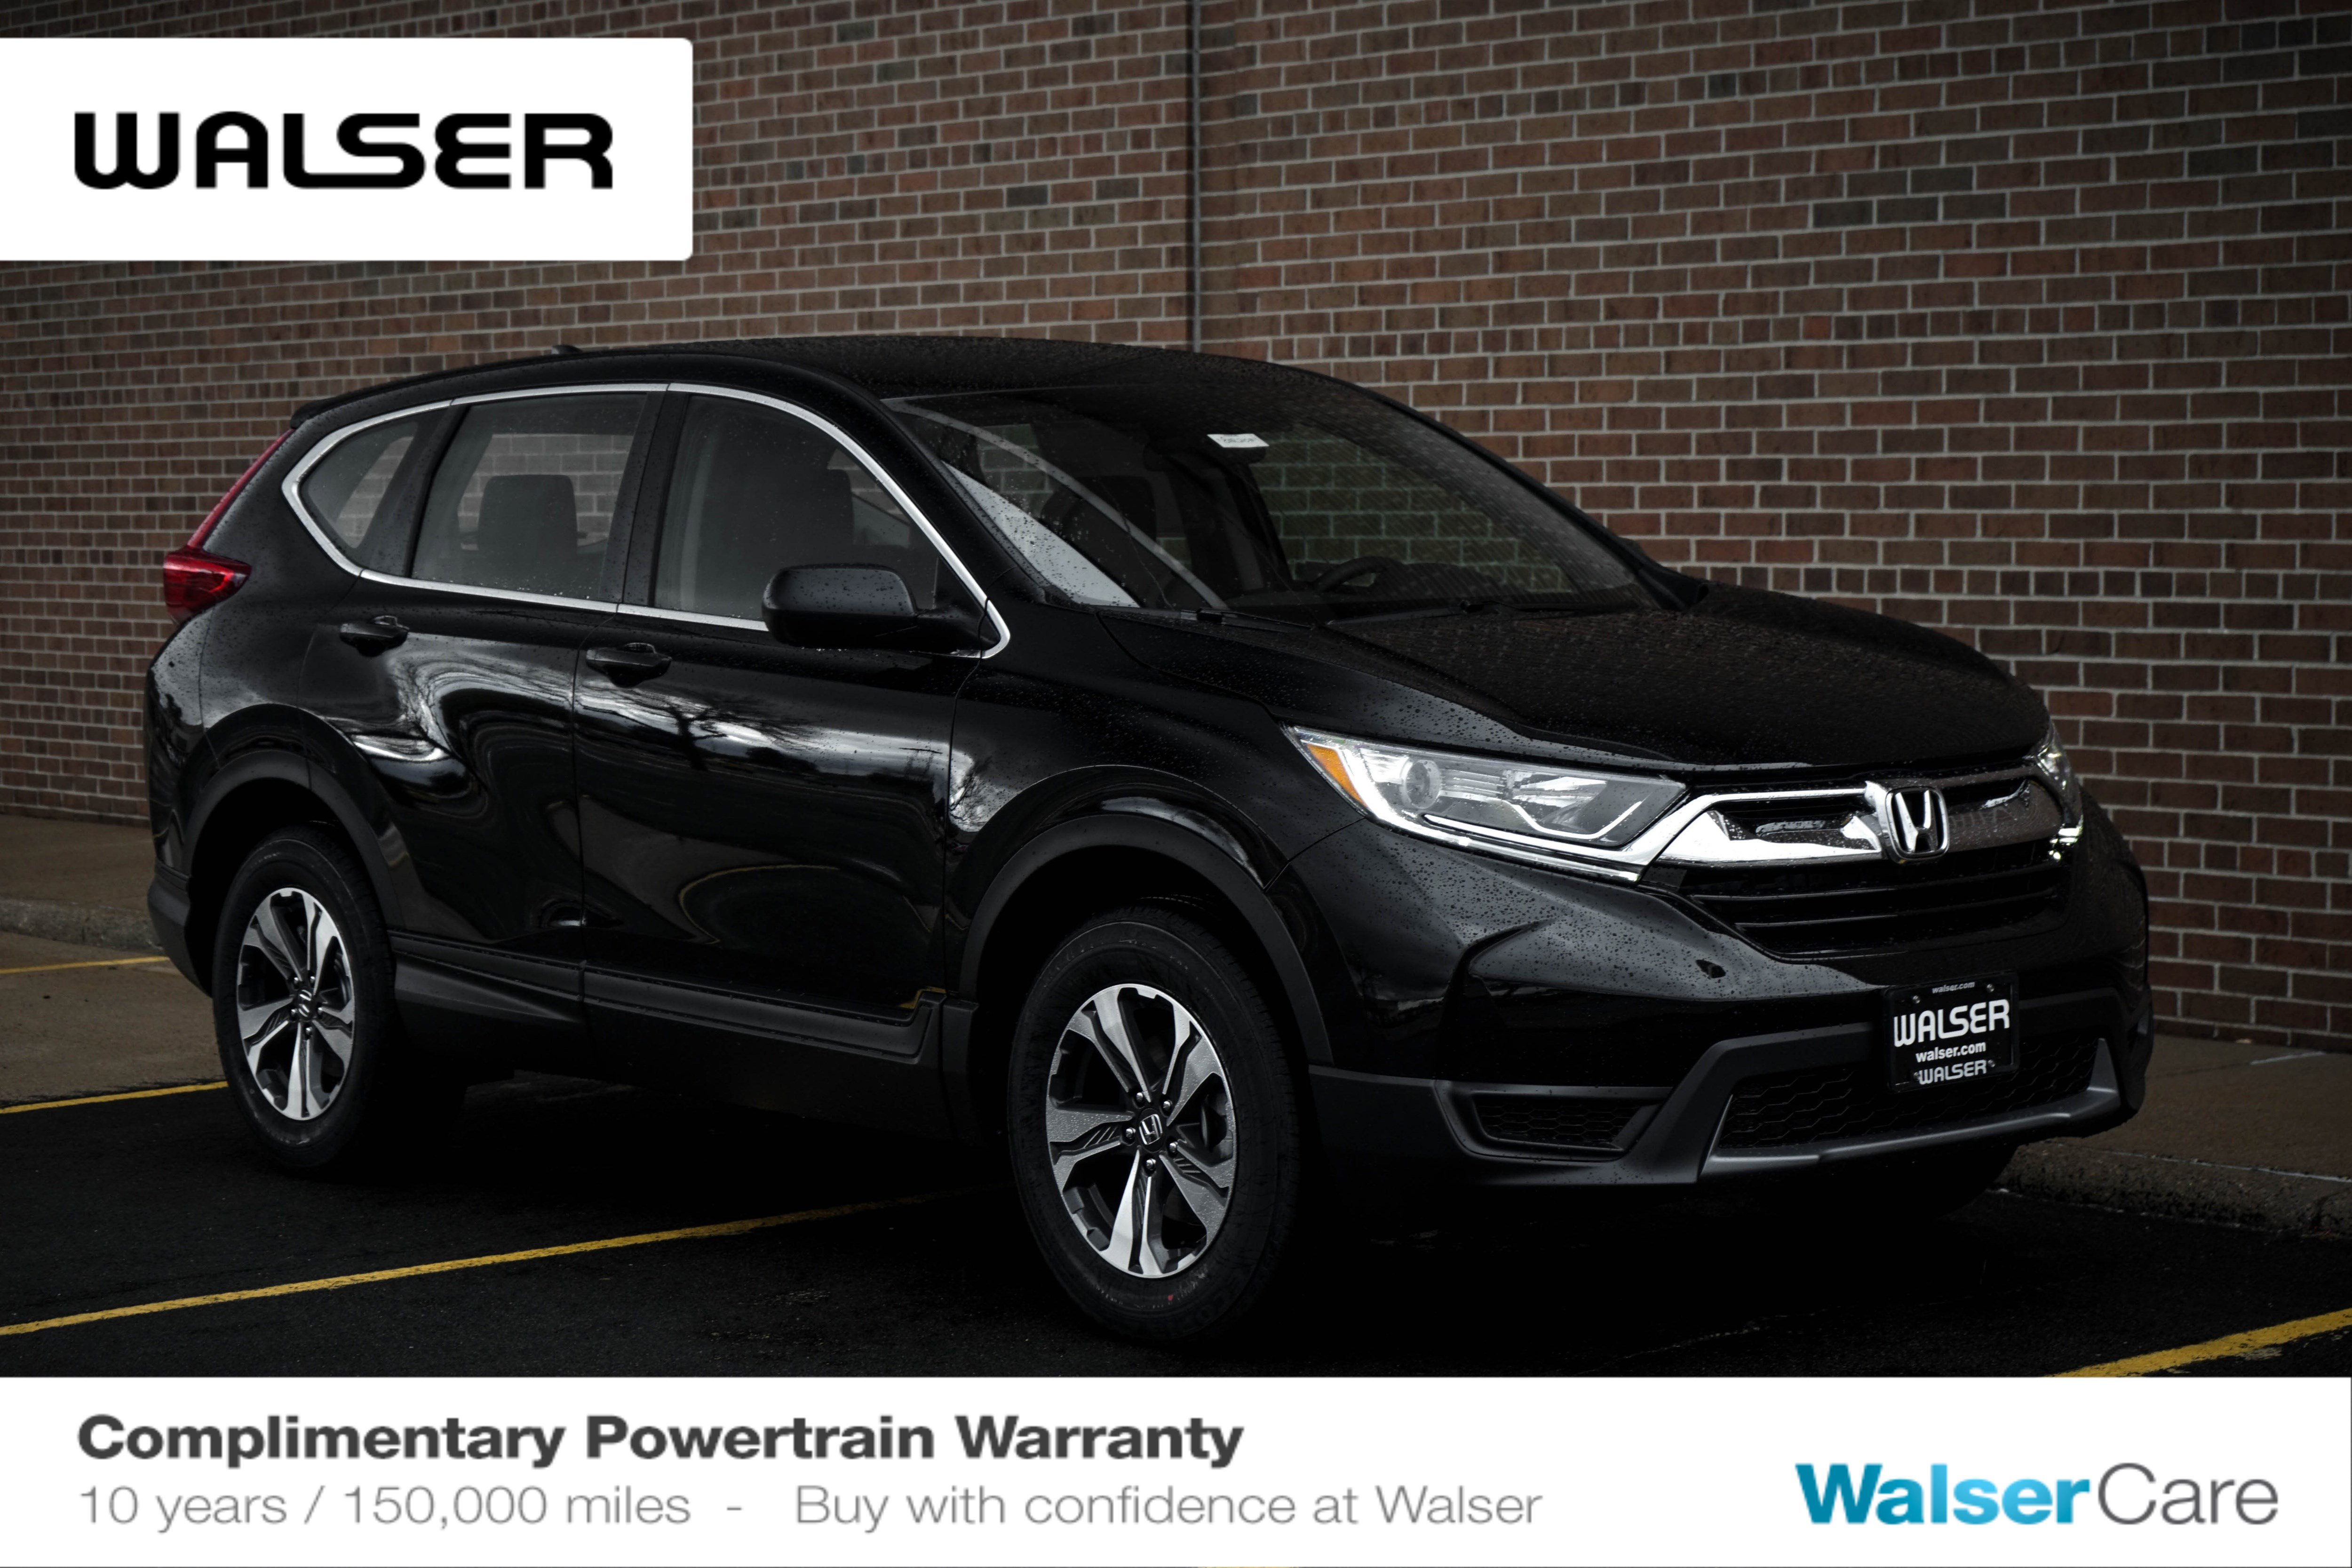 2019 Honda CR-V LX AWD Lease Deals